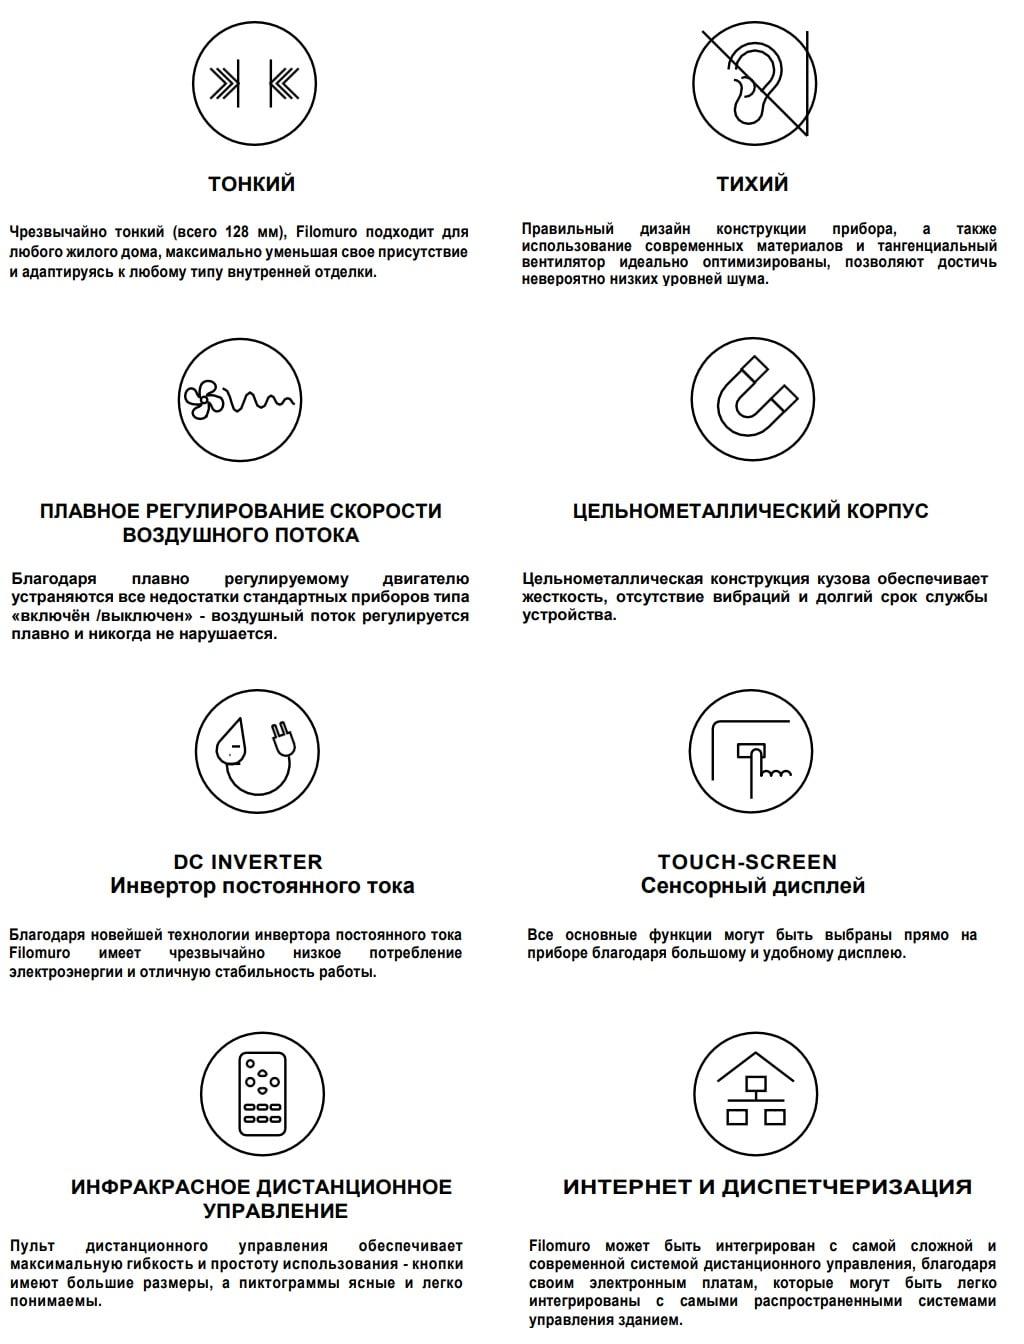 Innova Filomuro характеристики и особенности